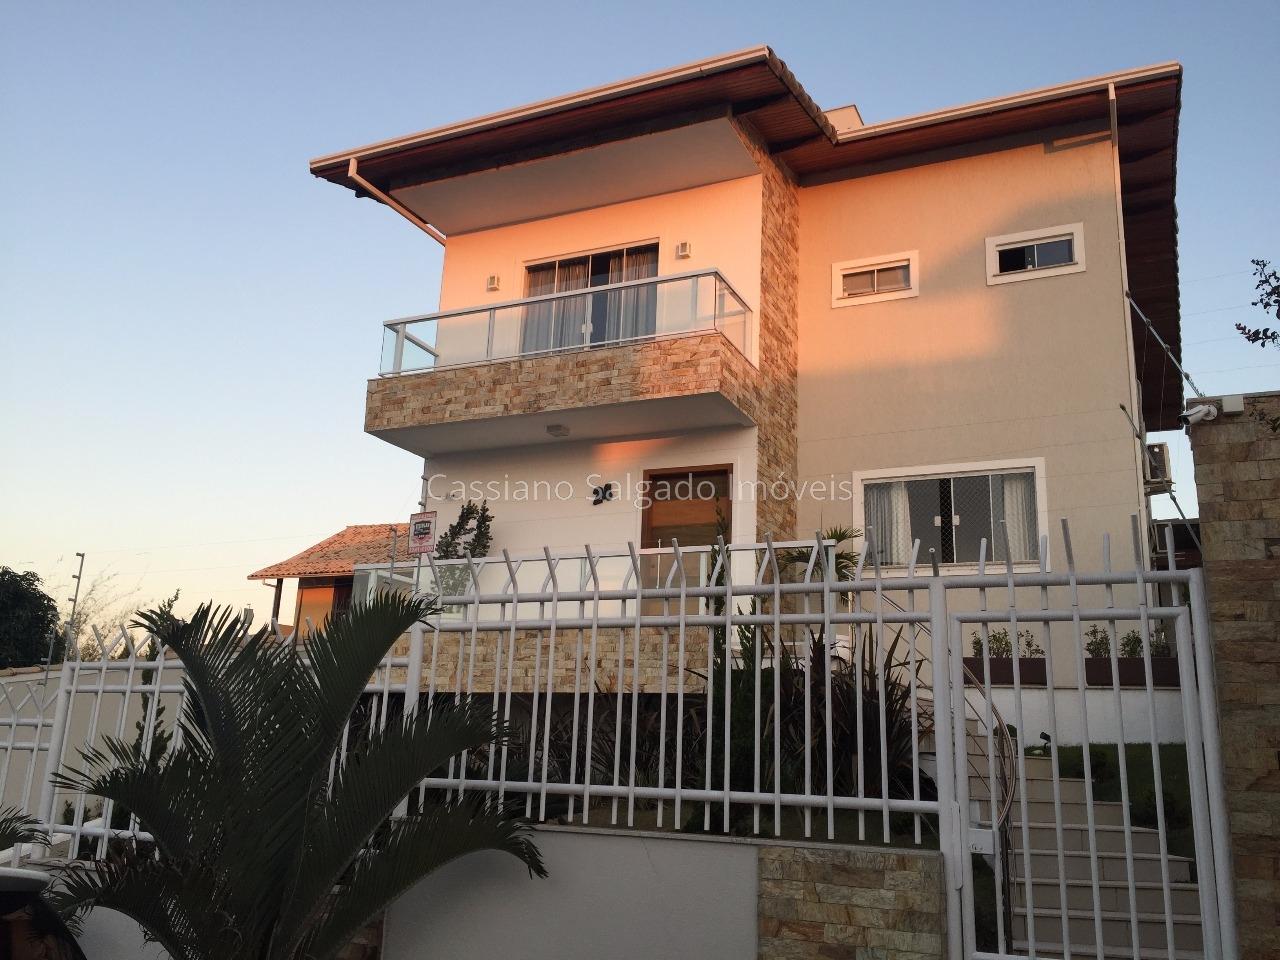 Casa Residencial à venda, Bairro inválido, Cidade inexistente - CA0483.